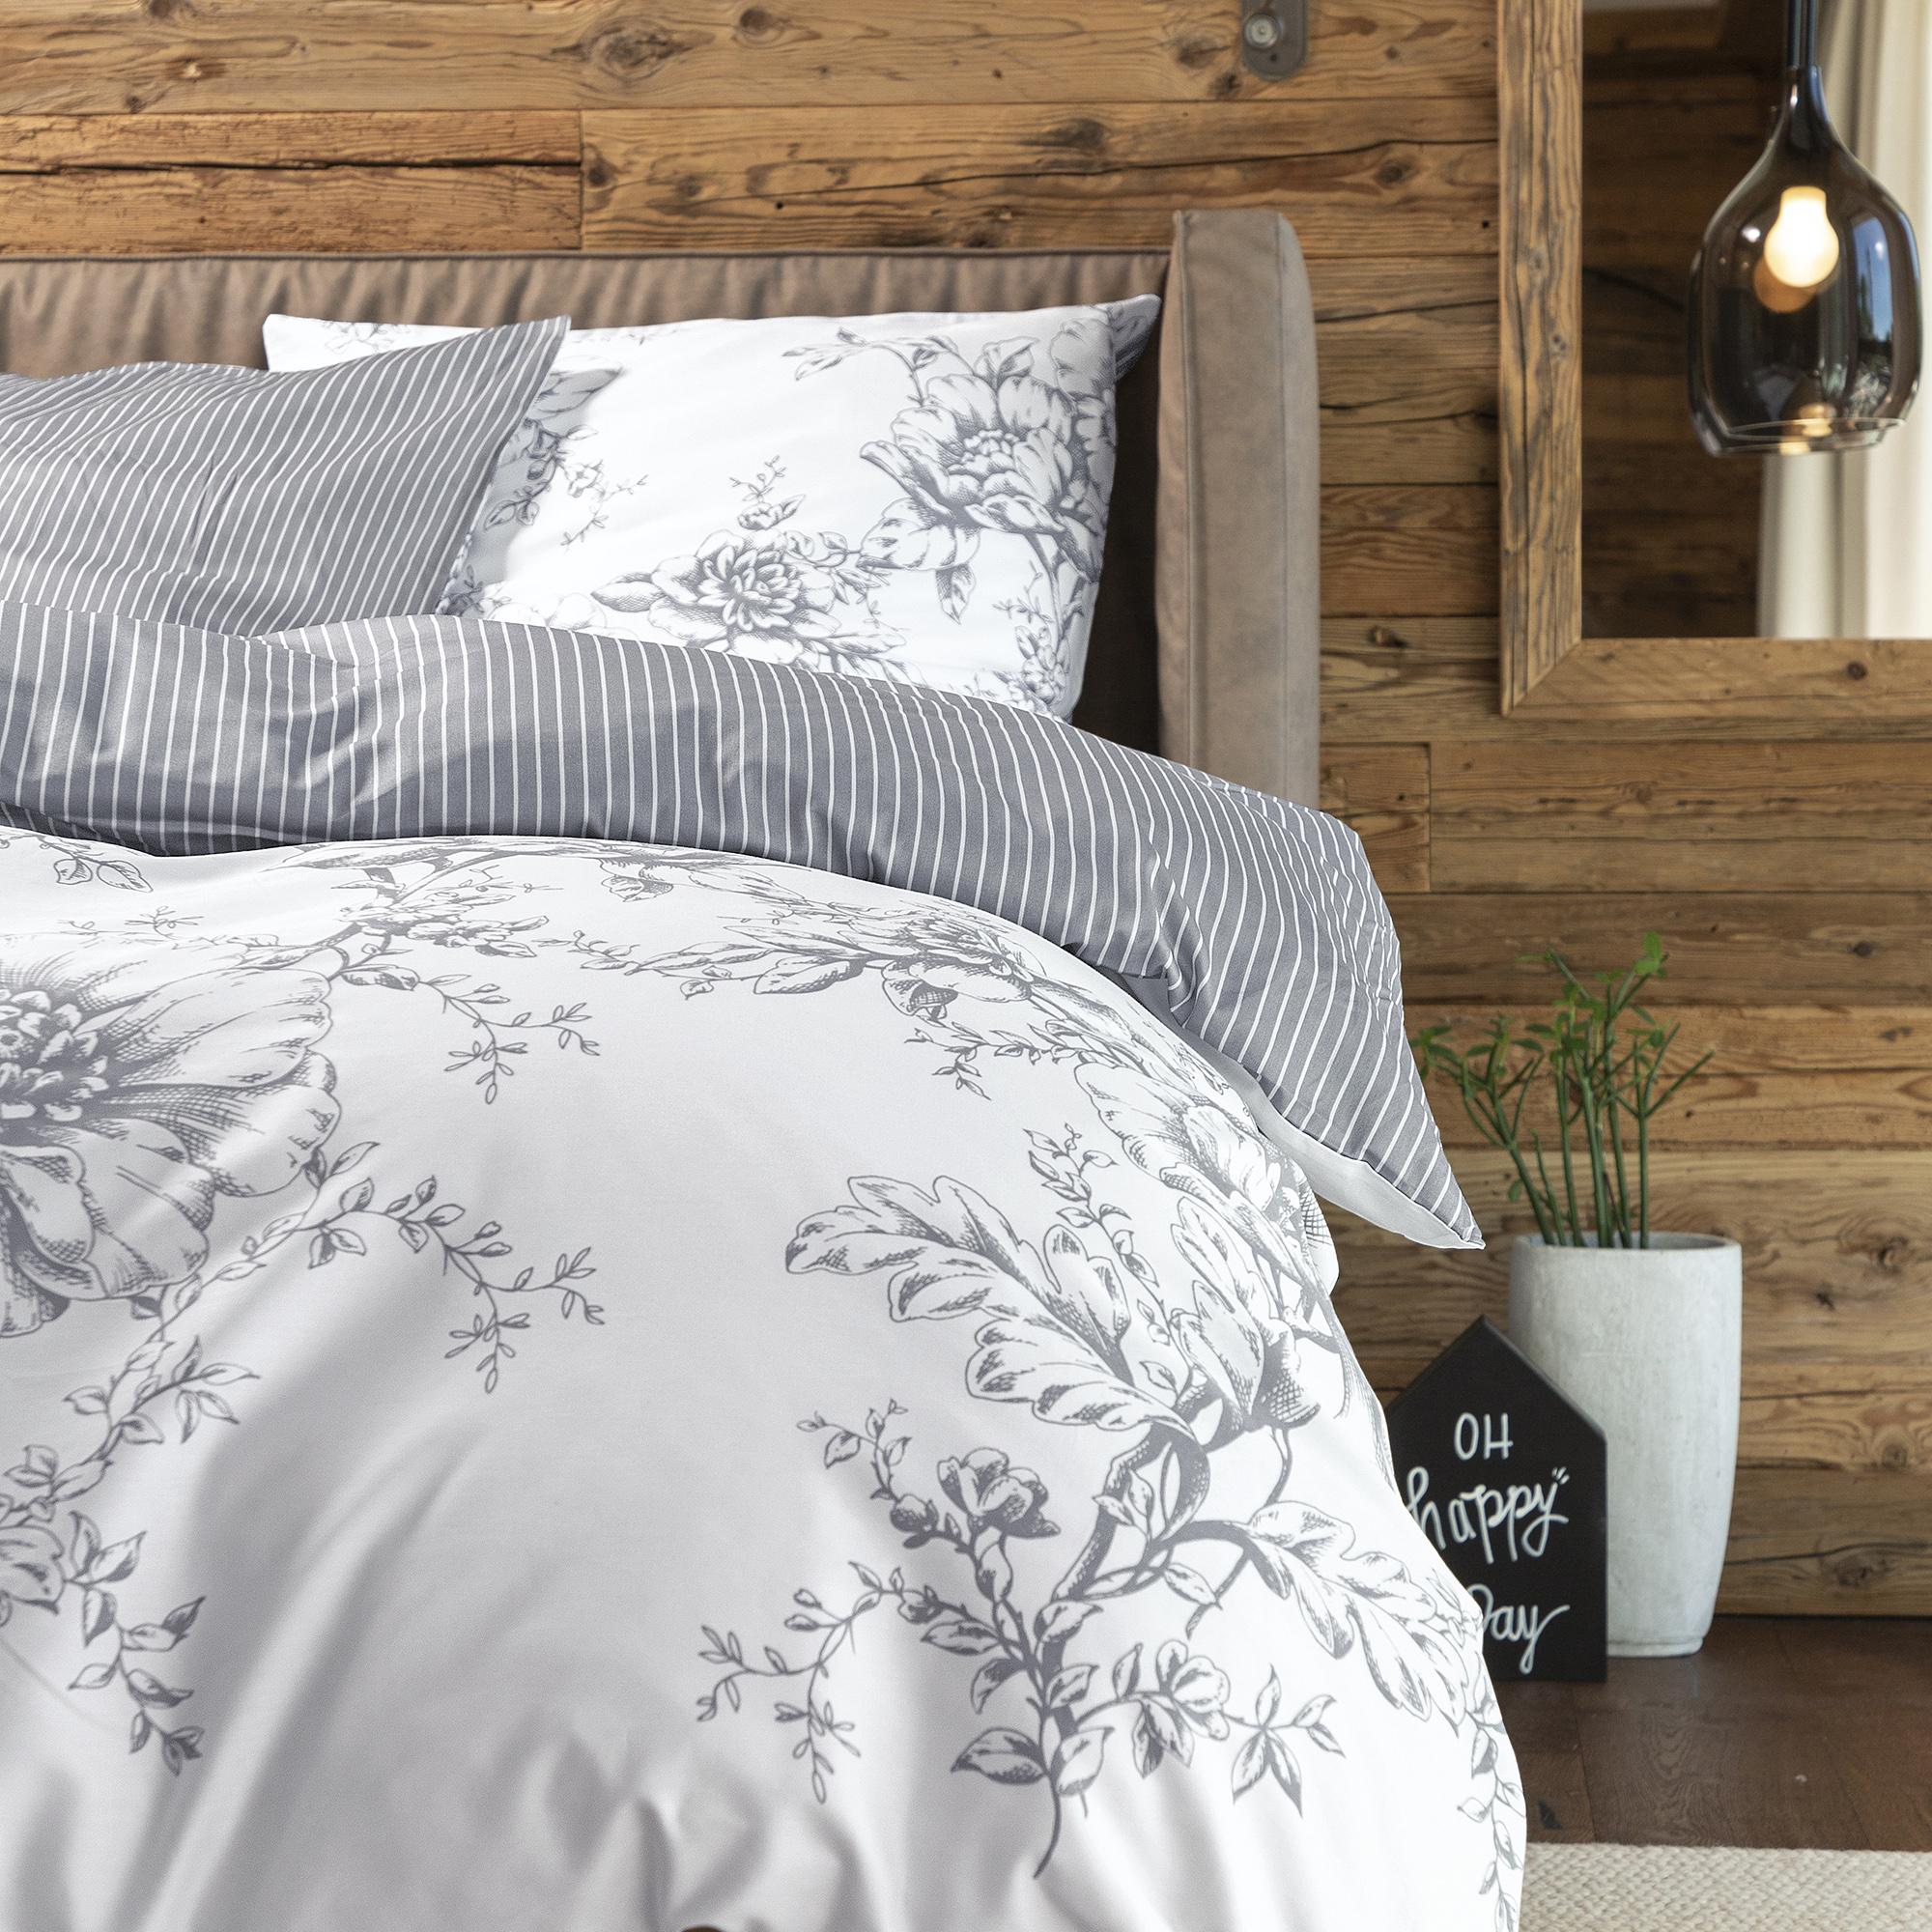 satinbettw sche zeitgeist bettw sche ibena online shop. Black Bedroom Furniture Sets. Home Design Ideas